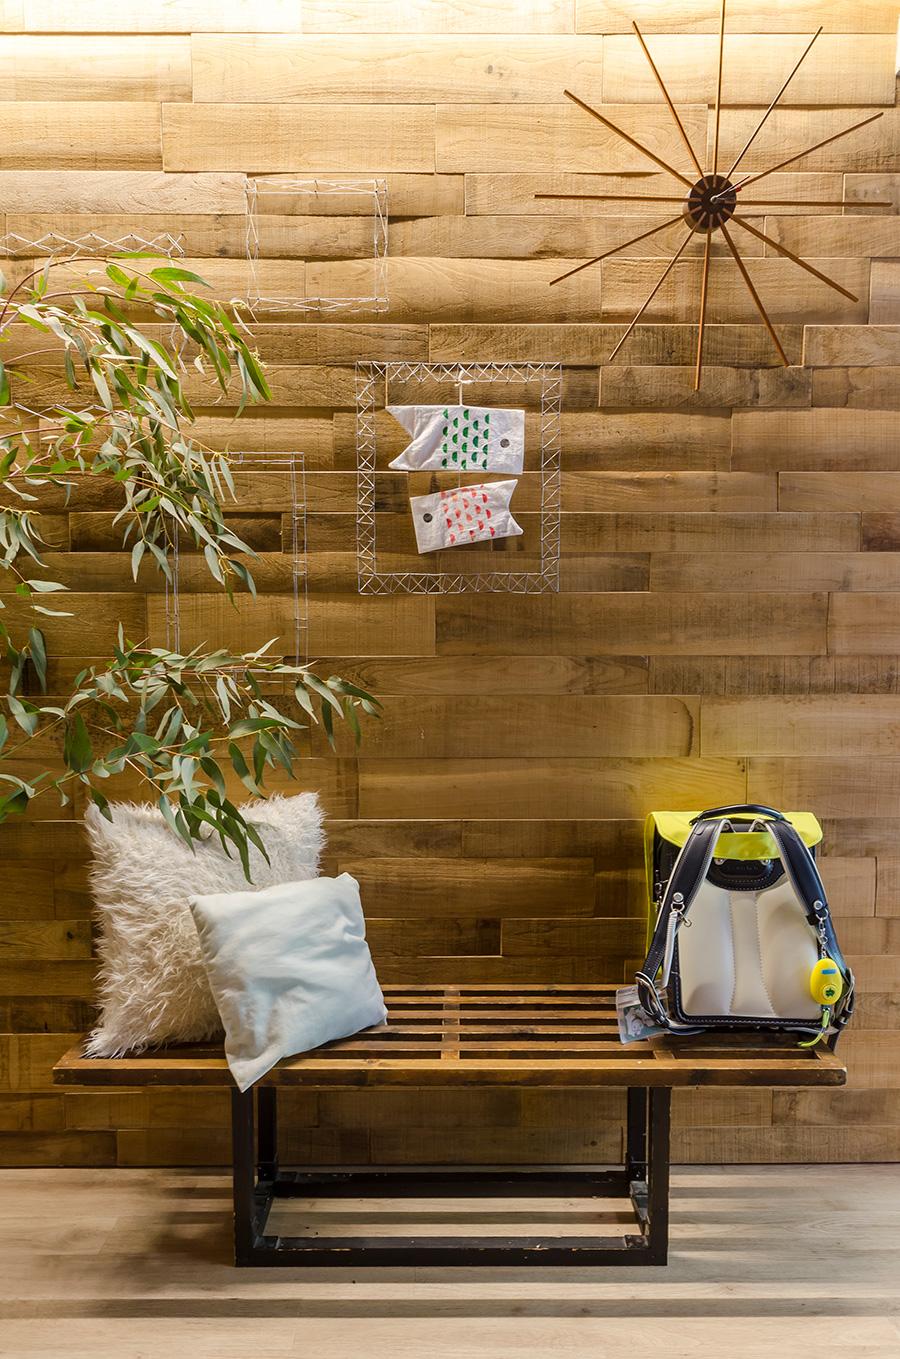 玄関の正面は、お子さんが作った工作なども活用してディスプレイスペースに。時計やベンチも徹さん作。